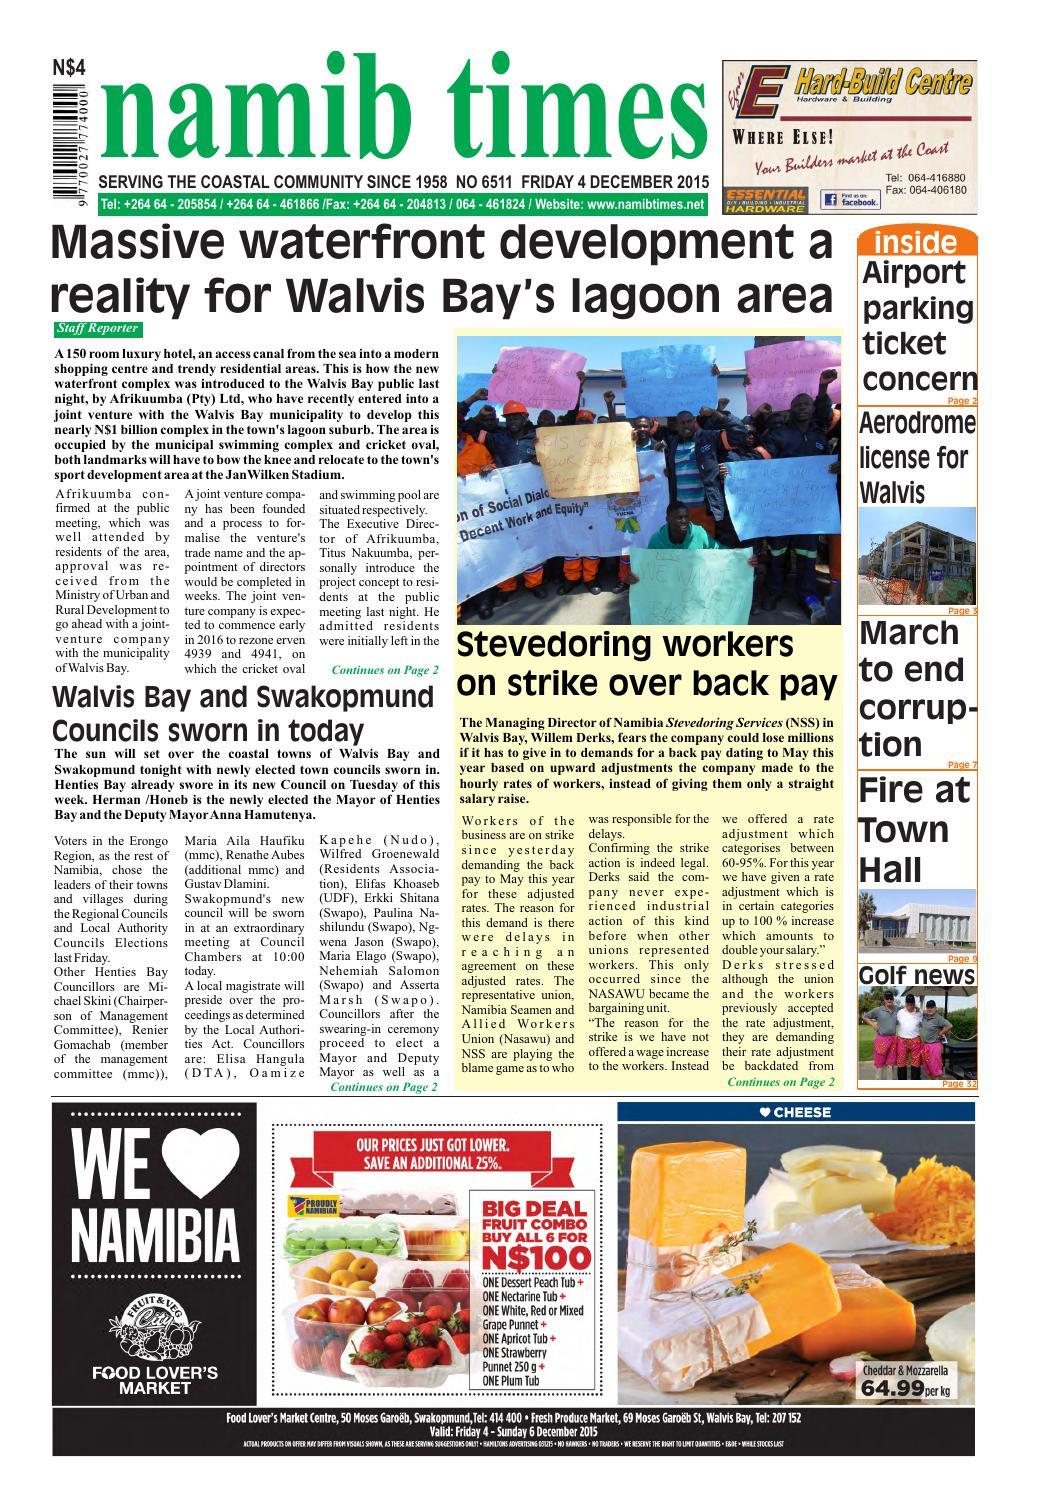 22 dec namib times e edition by Namib Times Virtual - issuu